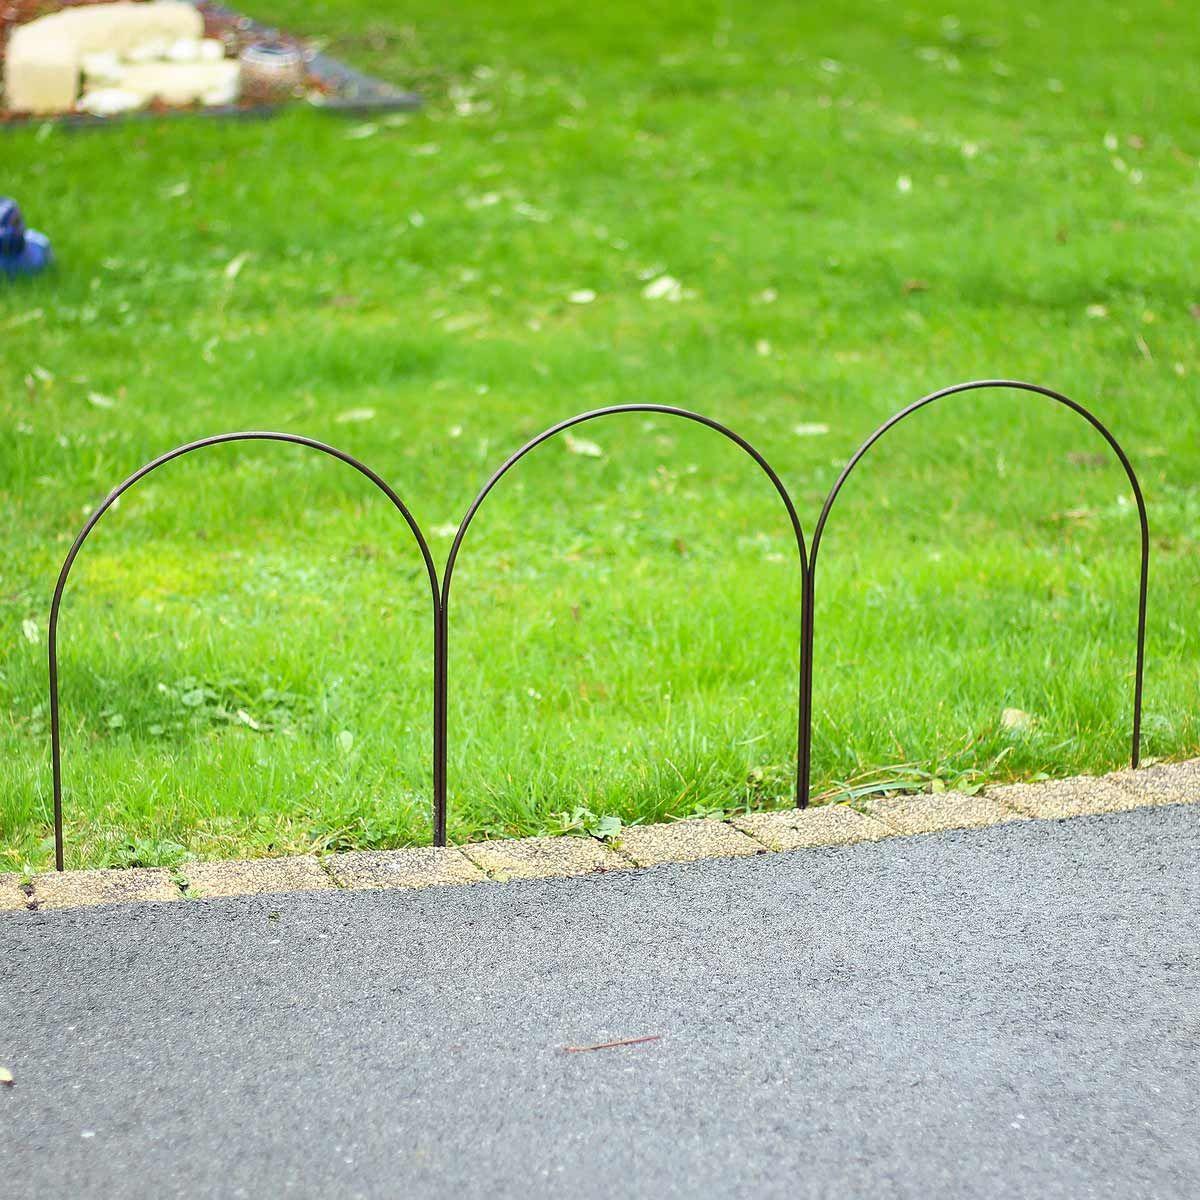 Bordure Triple Arceaux En Acier Plein L 100cm X H 40cm Bordure Jardin Bordure Massif Fleurs